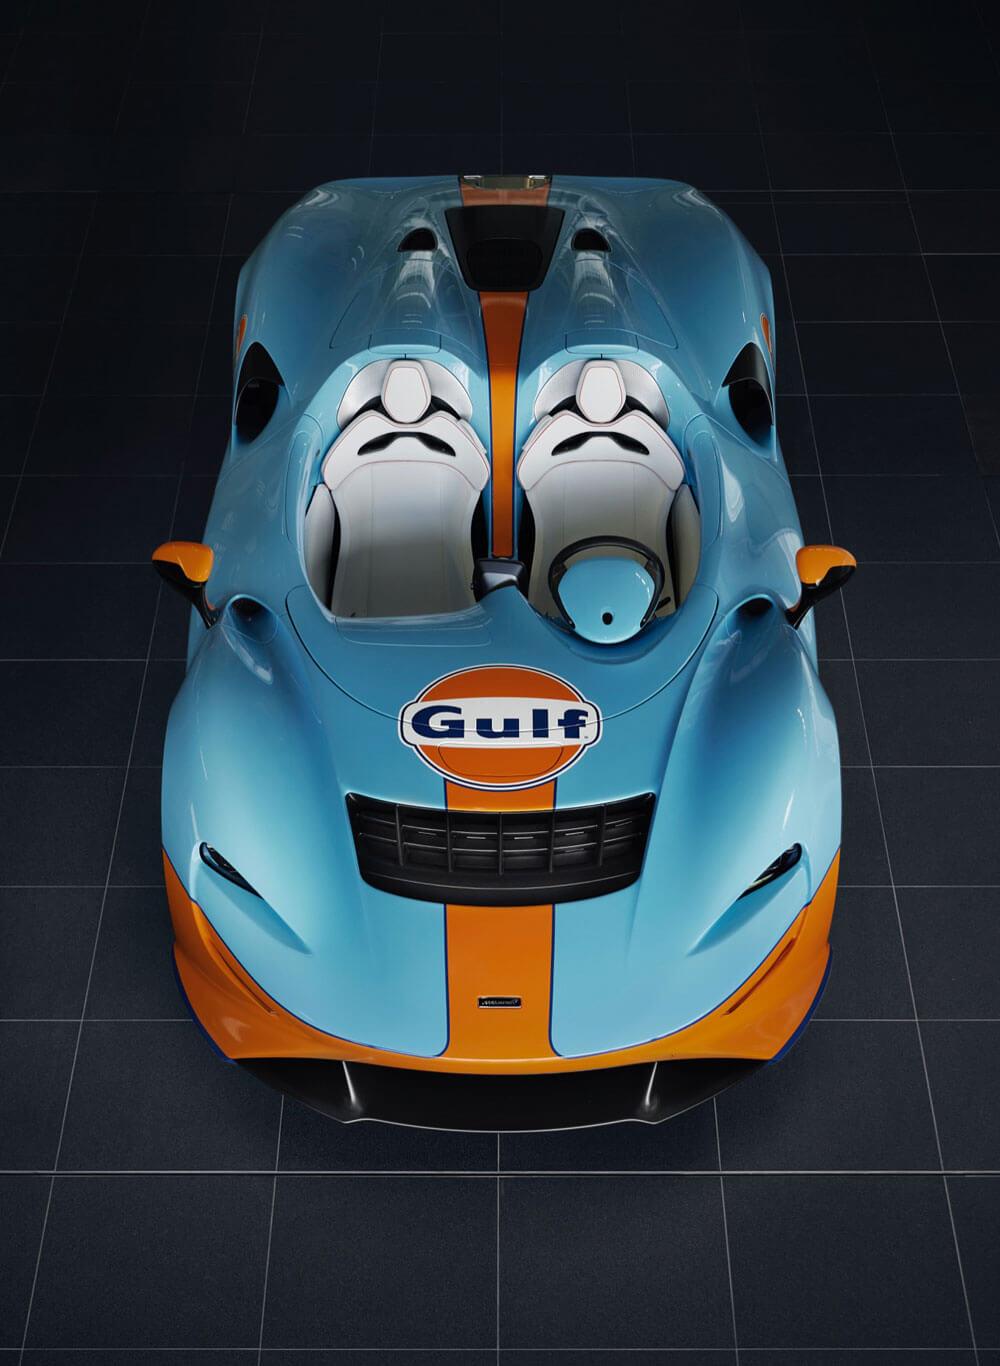 McLaren Elva Gulf Theme Front Aerial View